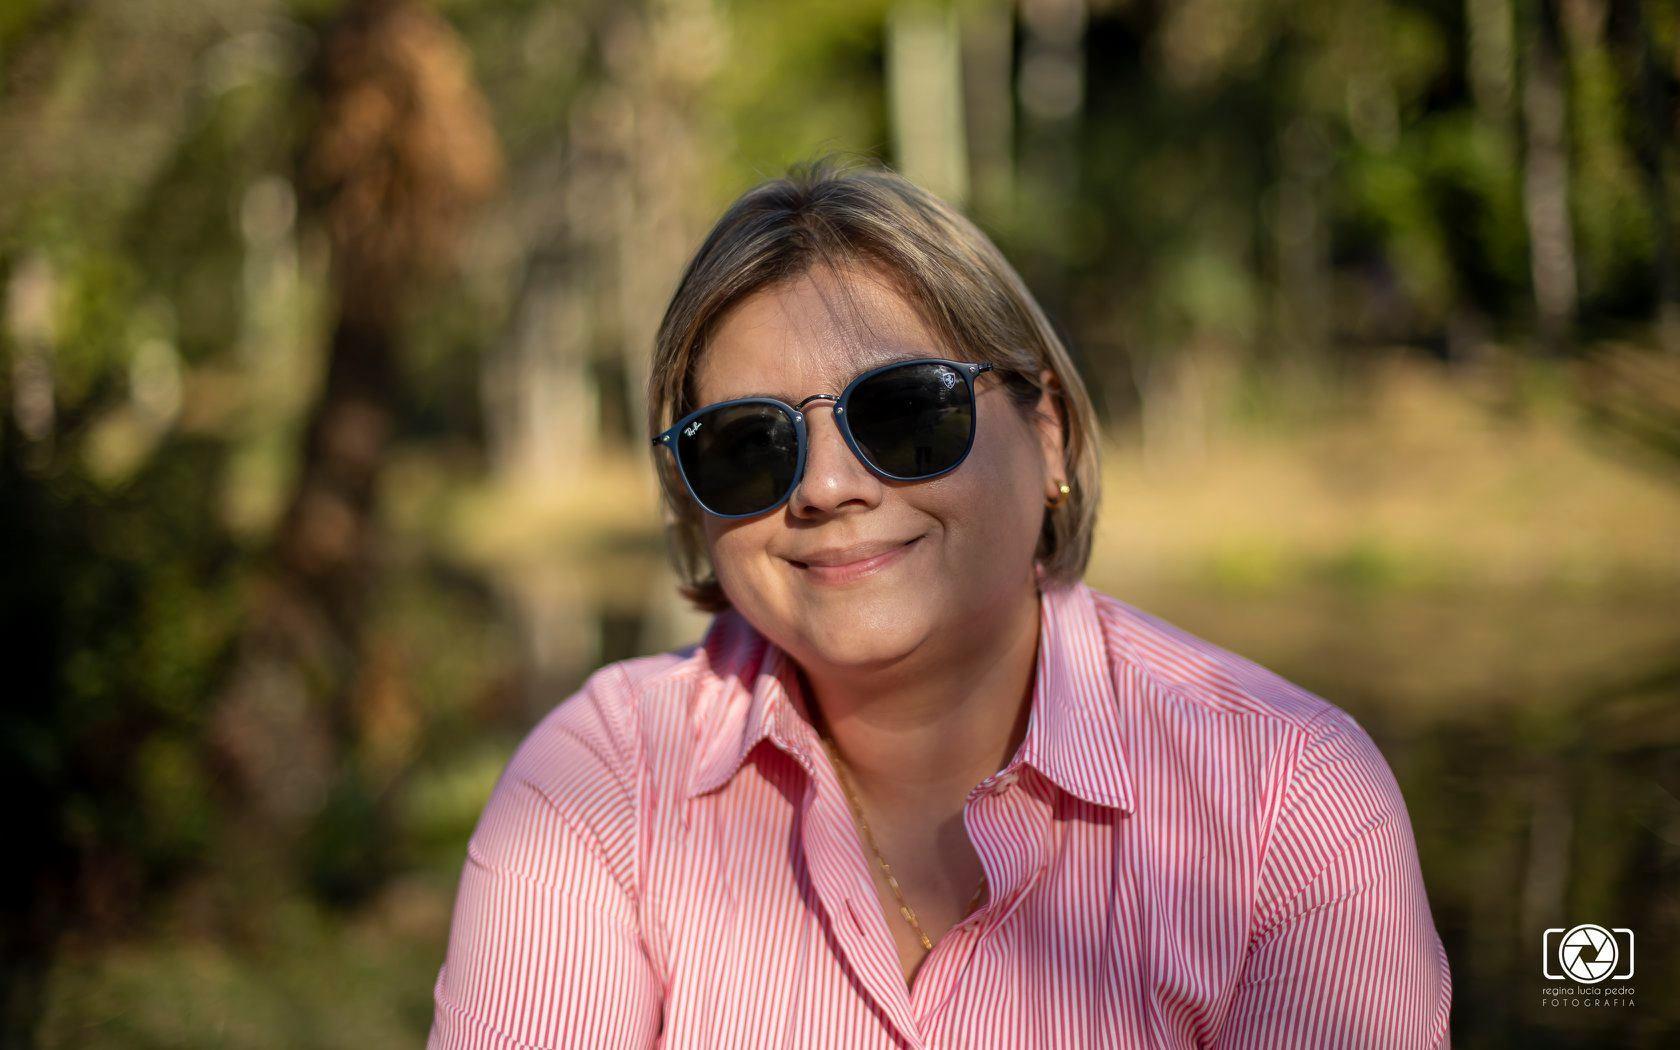 Sobre Fotógrafo de Festa Infantil - Sacomã - Ipiranga - SP